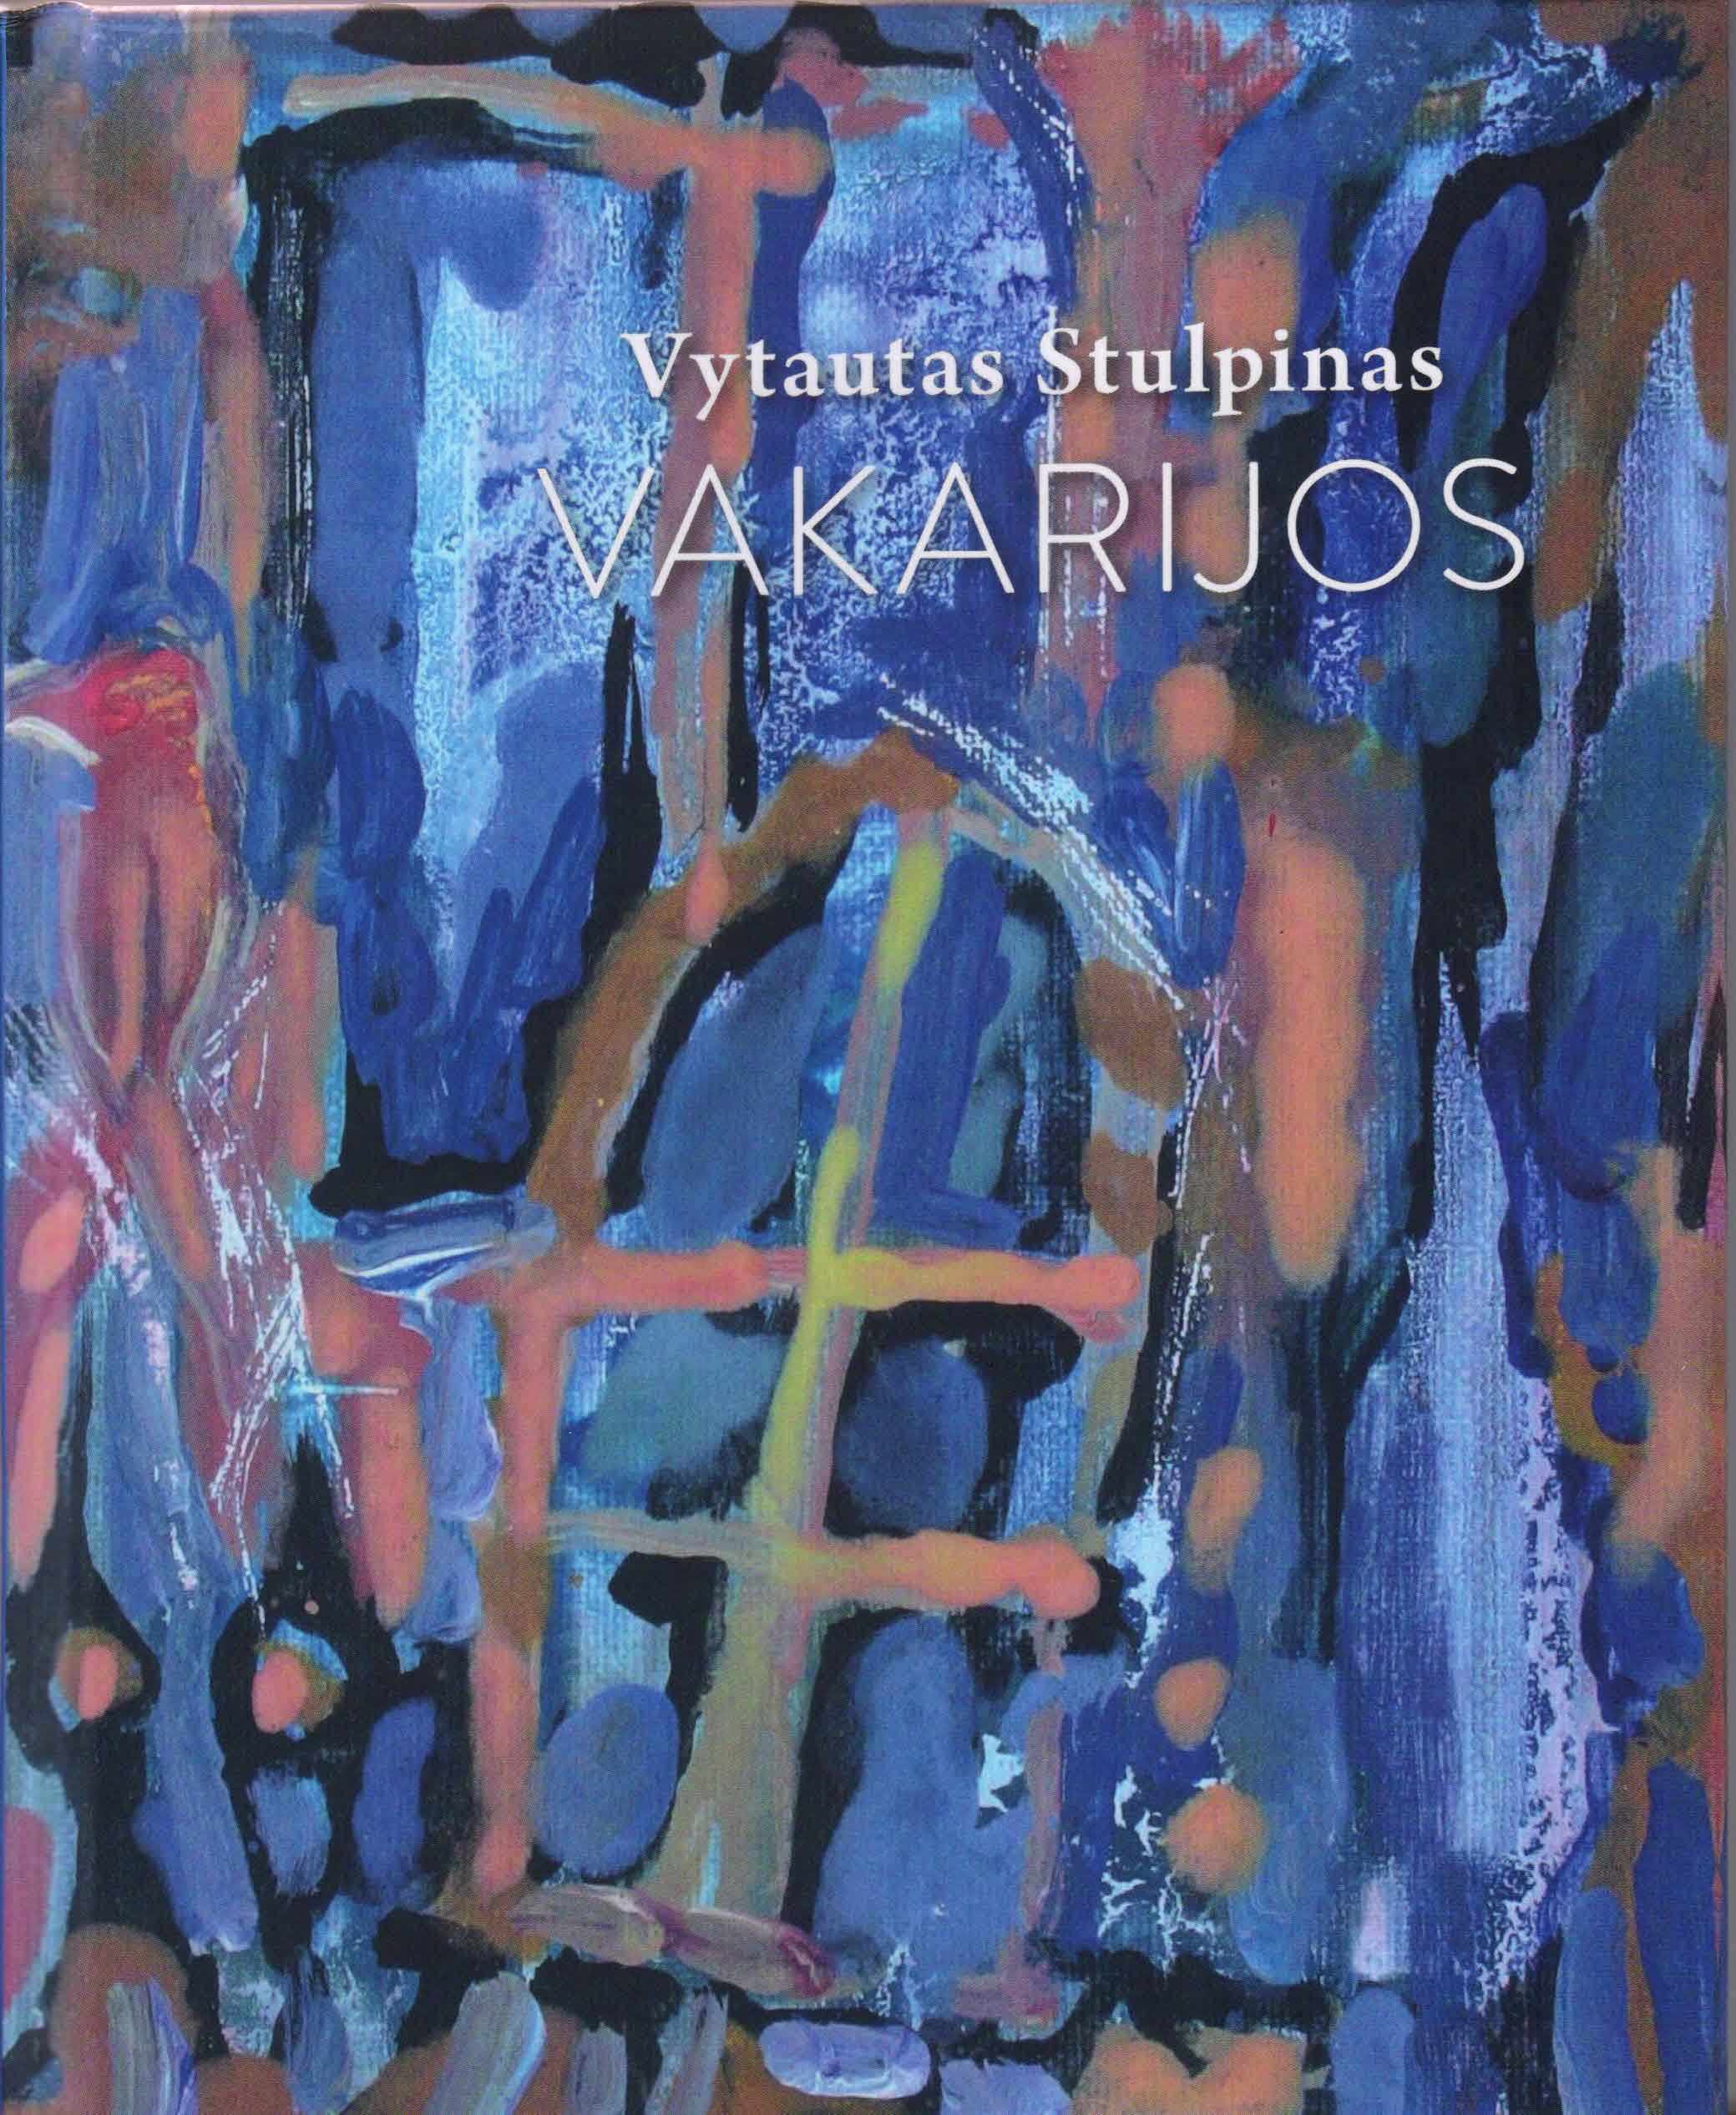 """Vytautas Stulpinas. """"Vakarijos"""" (Vilnius: Naujoji Romuva, 2016)"""